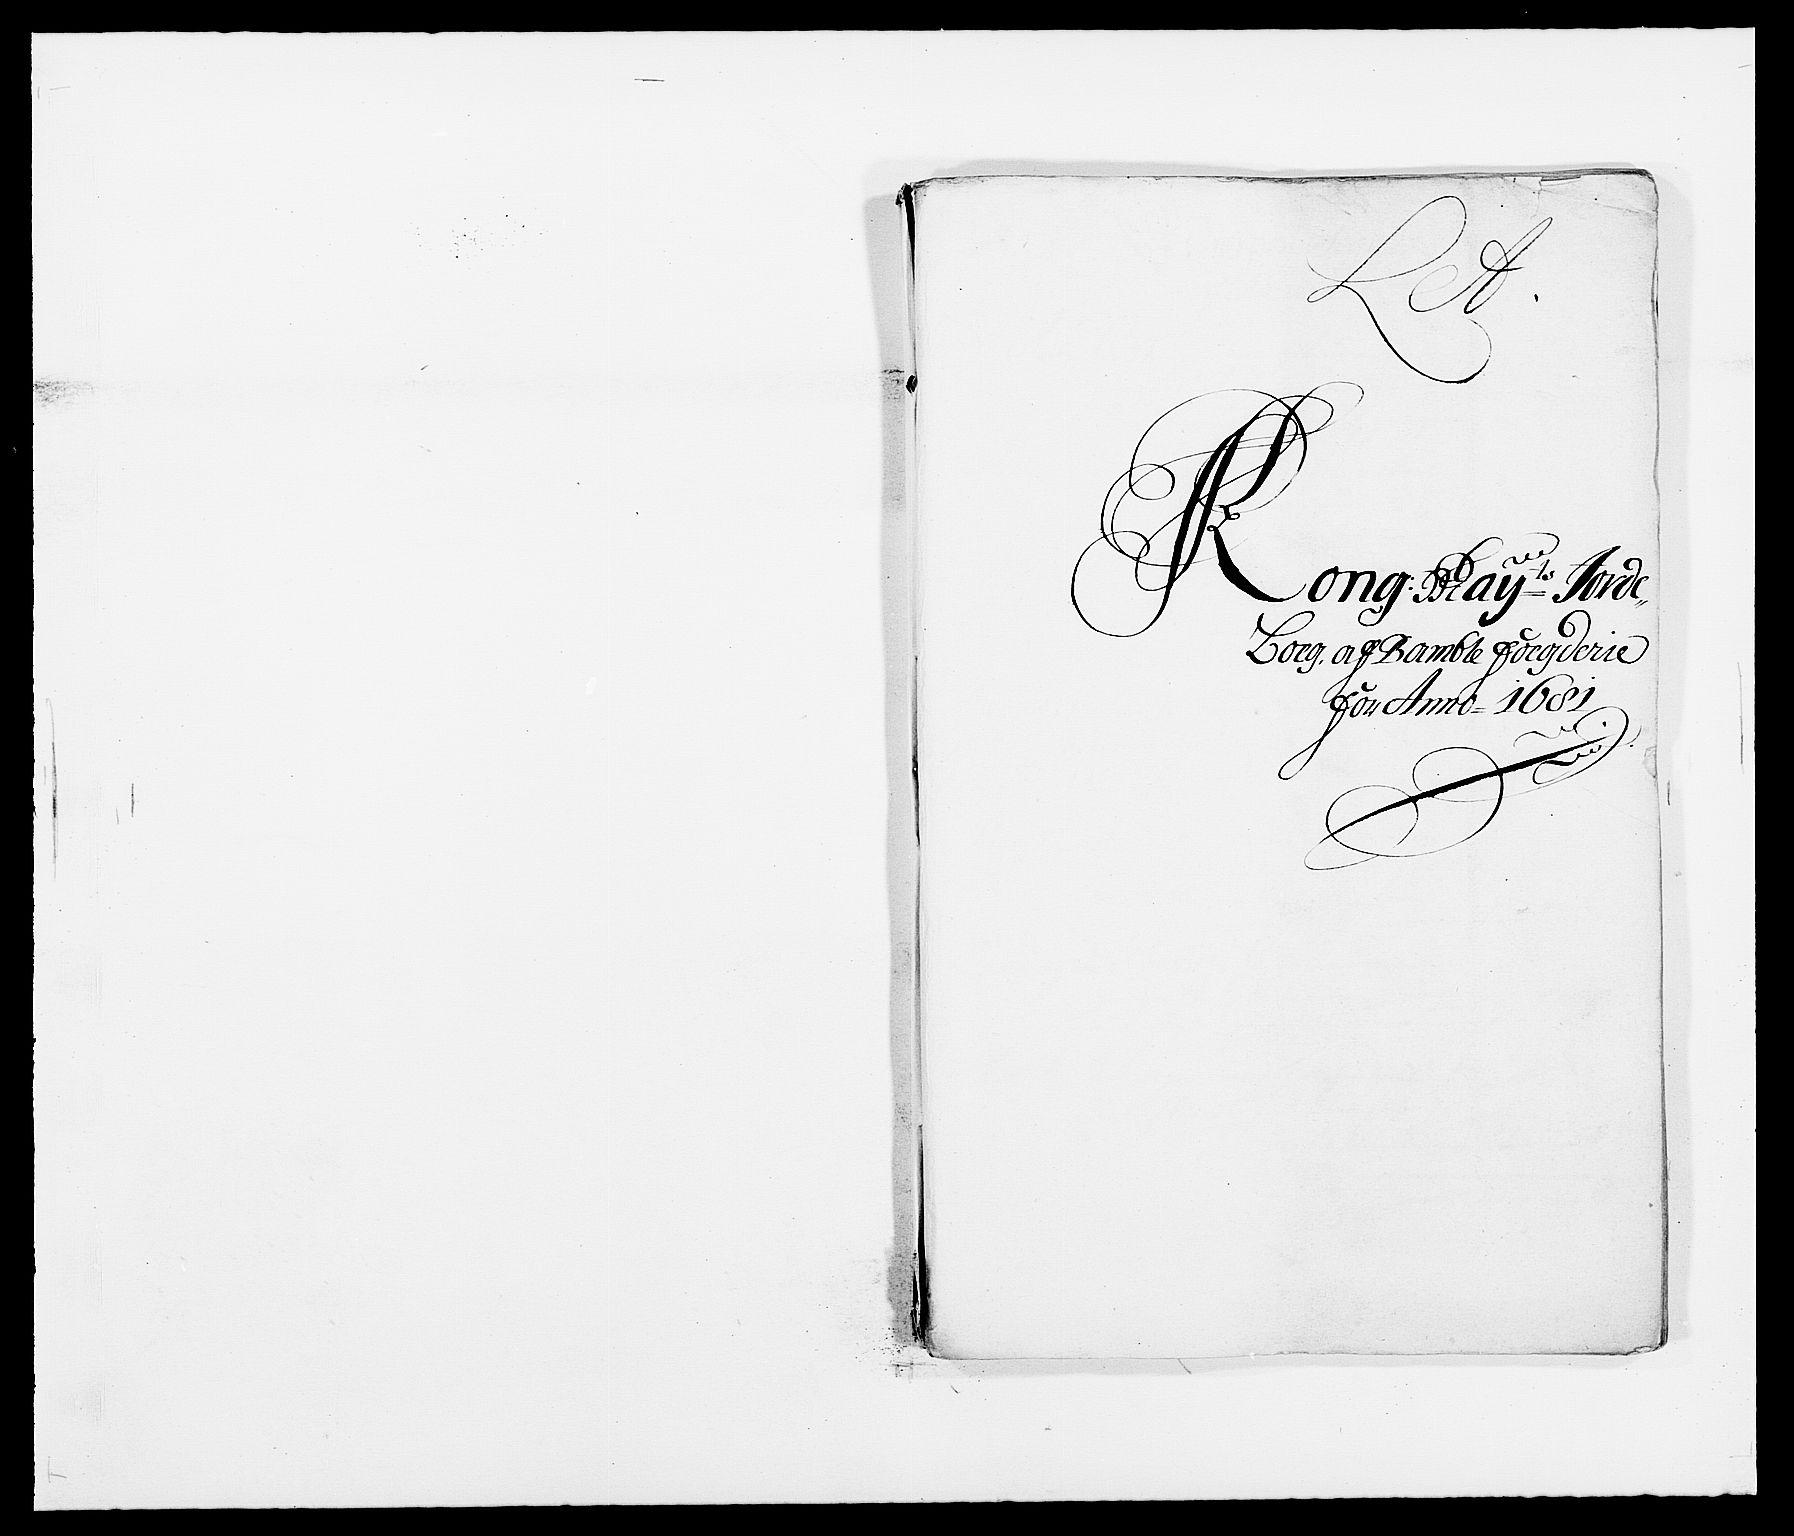 RA, Rentekammeret inntil 1814, Reviderte regnskaper, Fogderegnskap, R34/L2045: Fogderegnskap Bamble, 1680-1681, s. 232